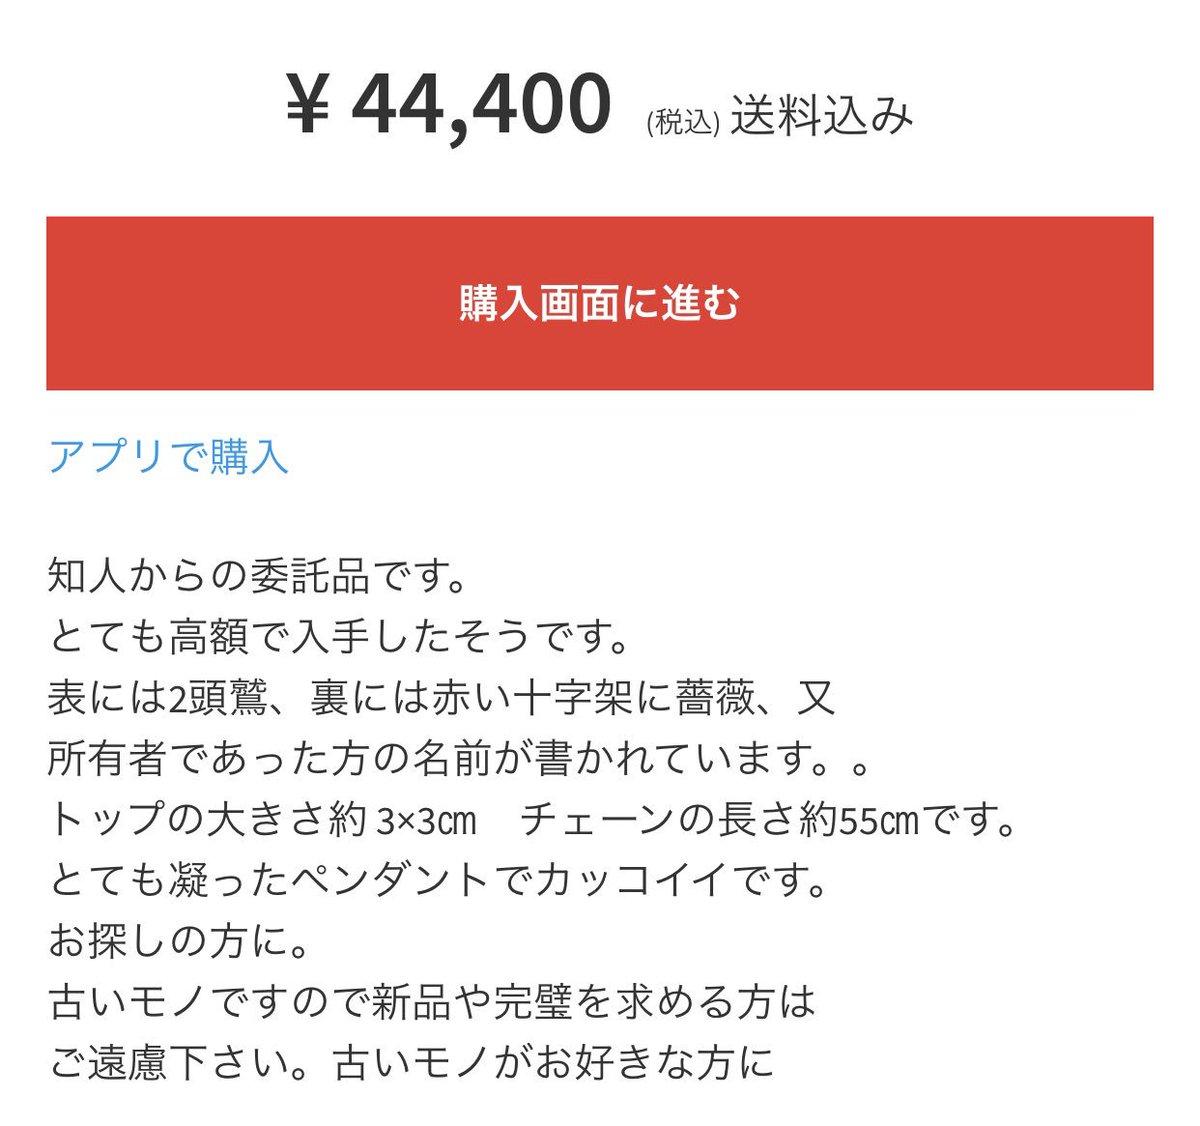 中川ホメオパシーさんの投稿画像